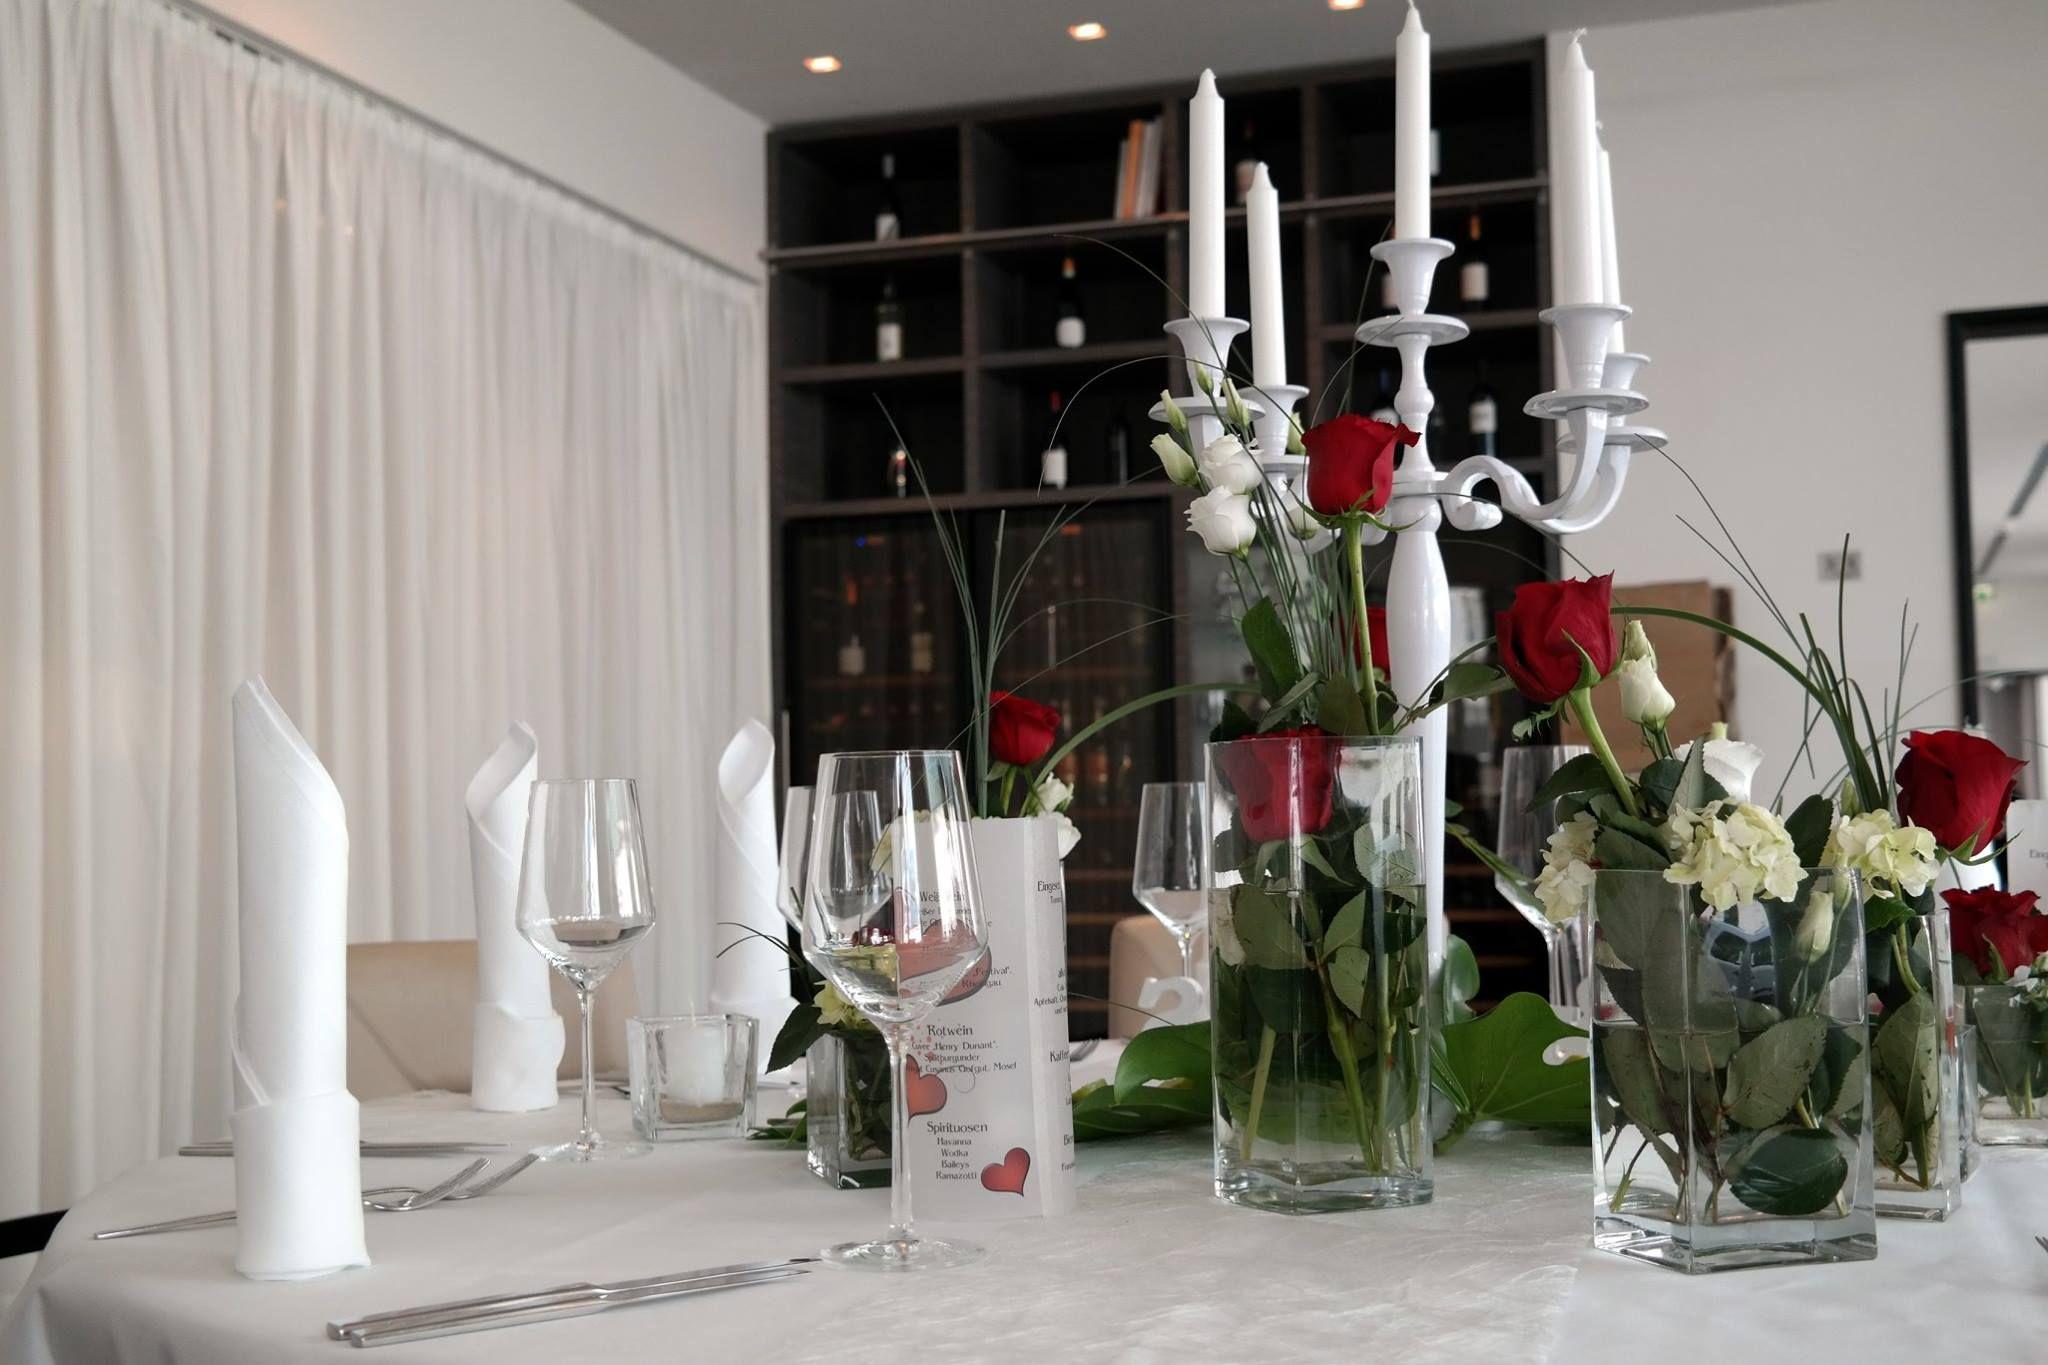 Pin Auf Heiraten Bei Arcotel Hotels Weddings At Arcotel Hotels